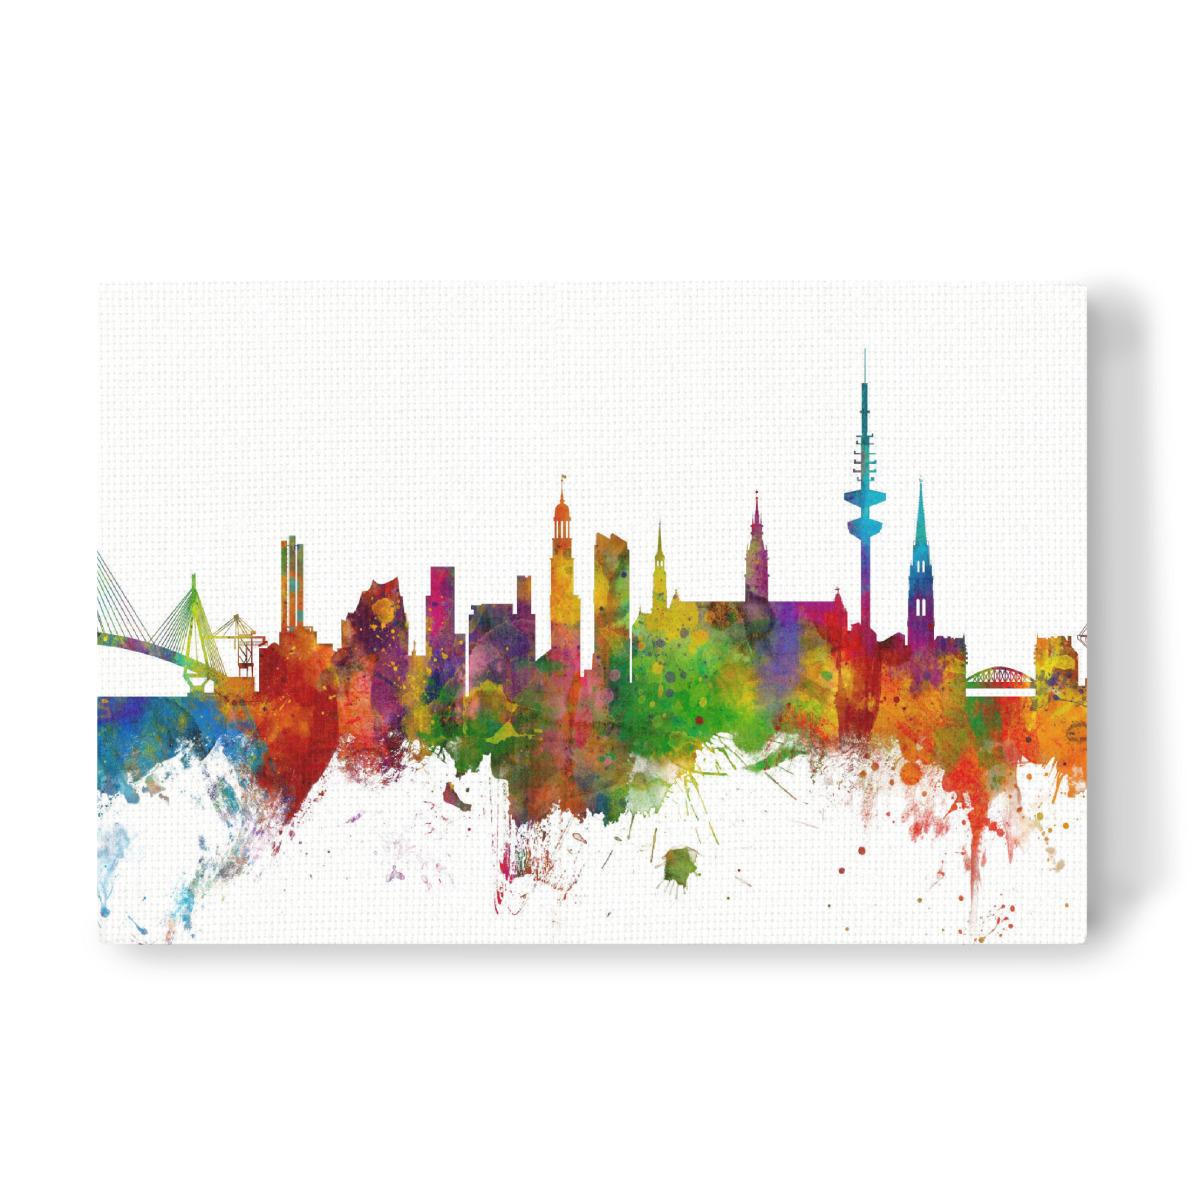 Beautiful ArtboxONE Great Ideas